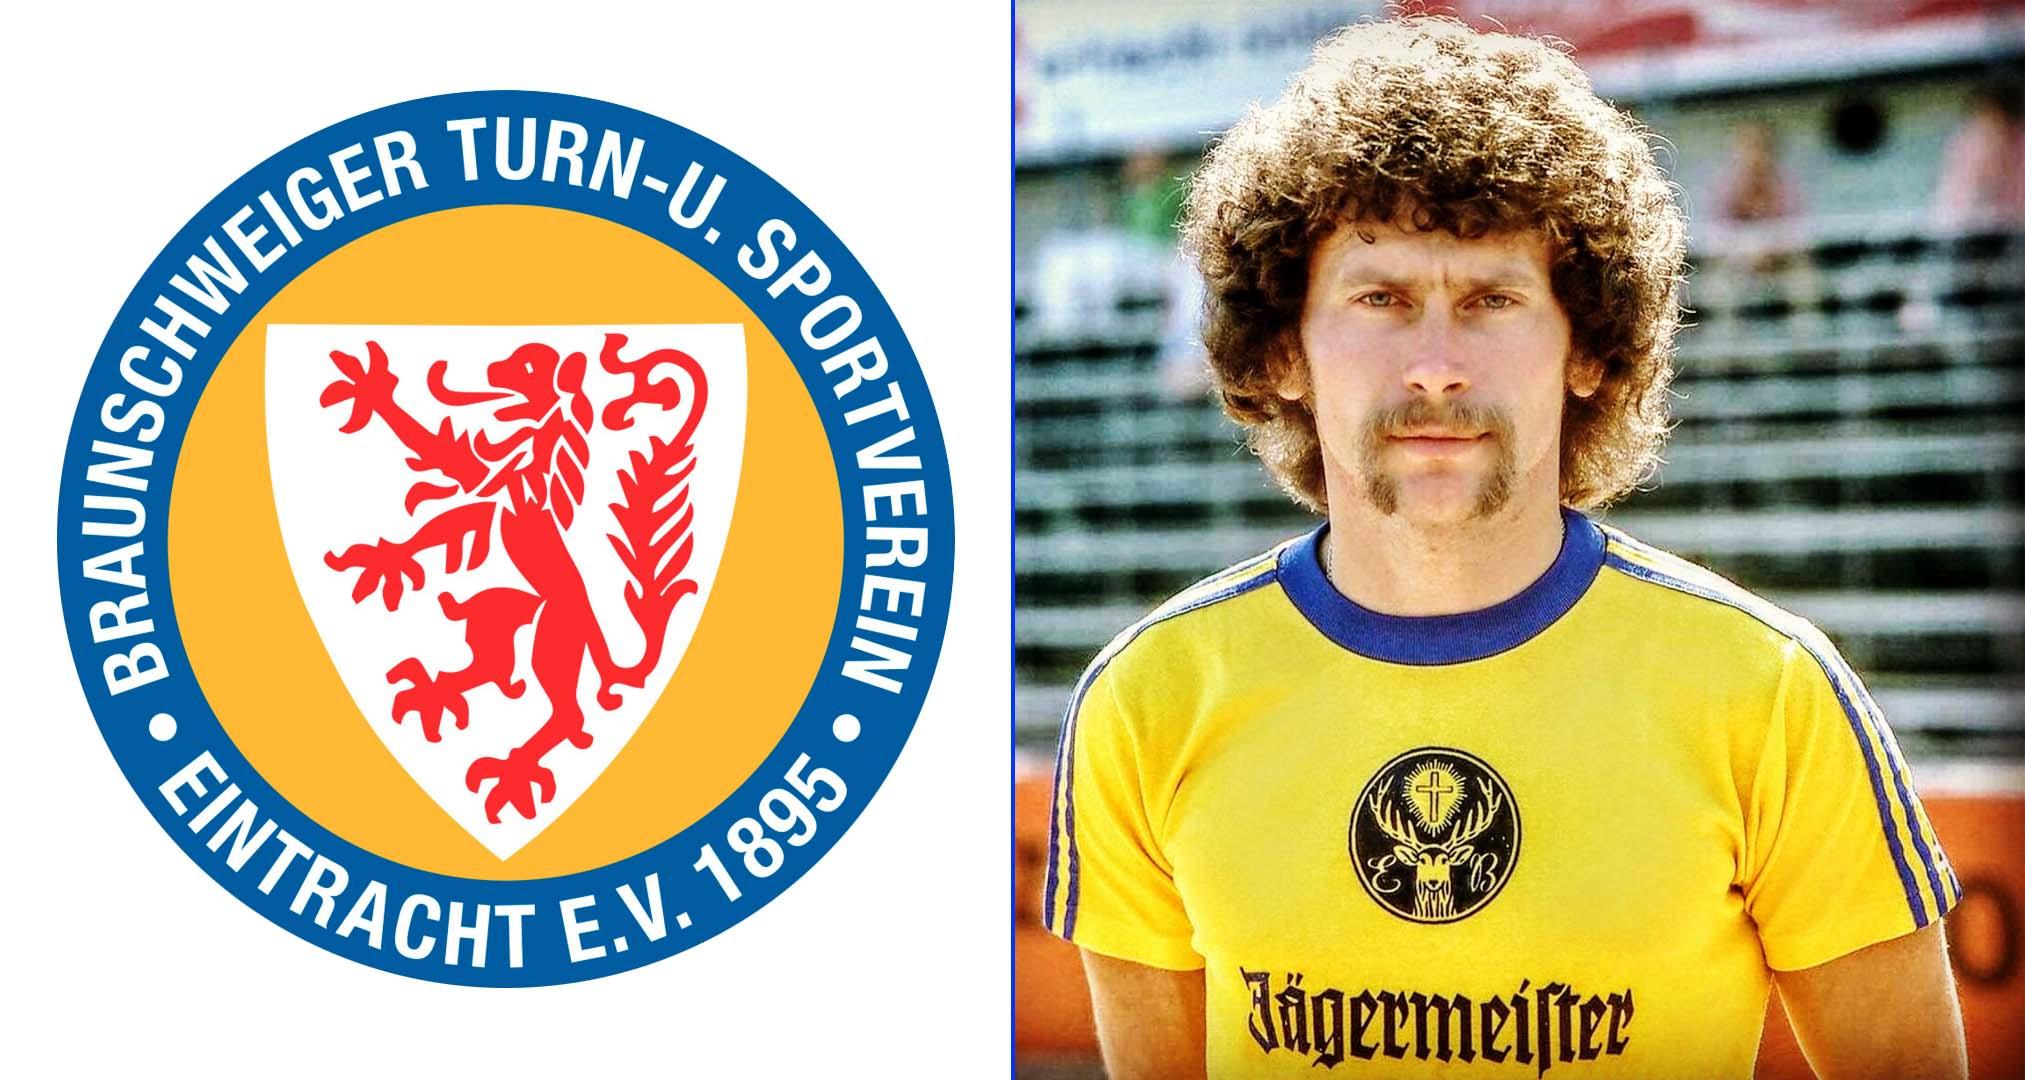 Escudo del Eintracht Braunschweig y Paul Breitner (Quien también jugó en el Real Madrid)